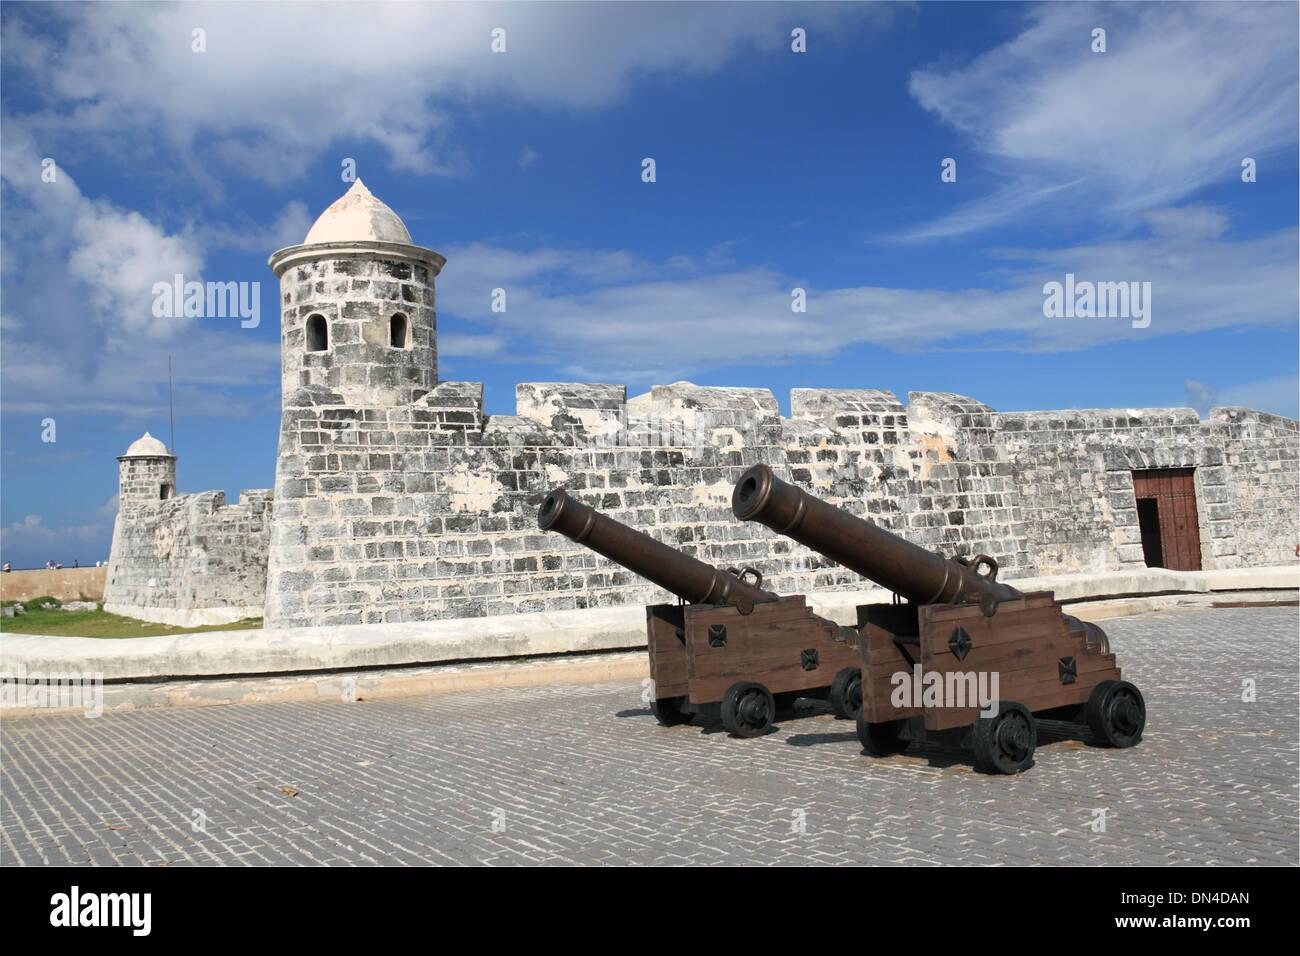 Castillo de San Salvador de la Punta, Malecón, Old Havana (La Habana Vieja), Cuba, Caribbean Sea, Central America - Stock Image